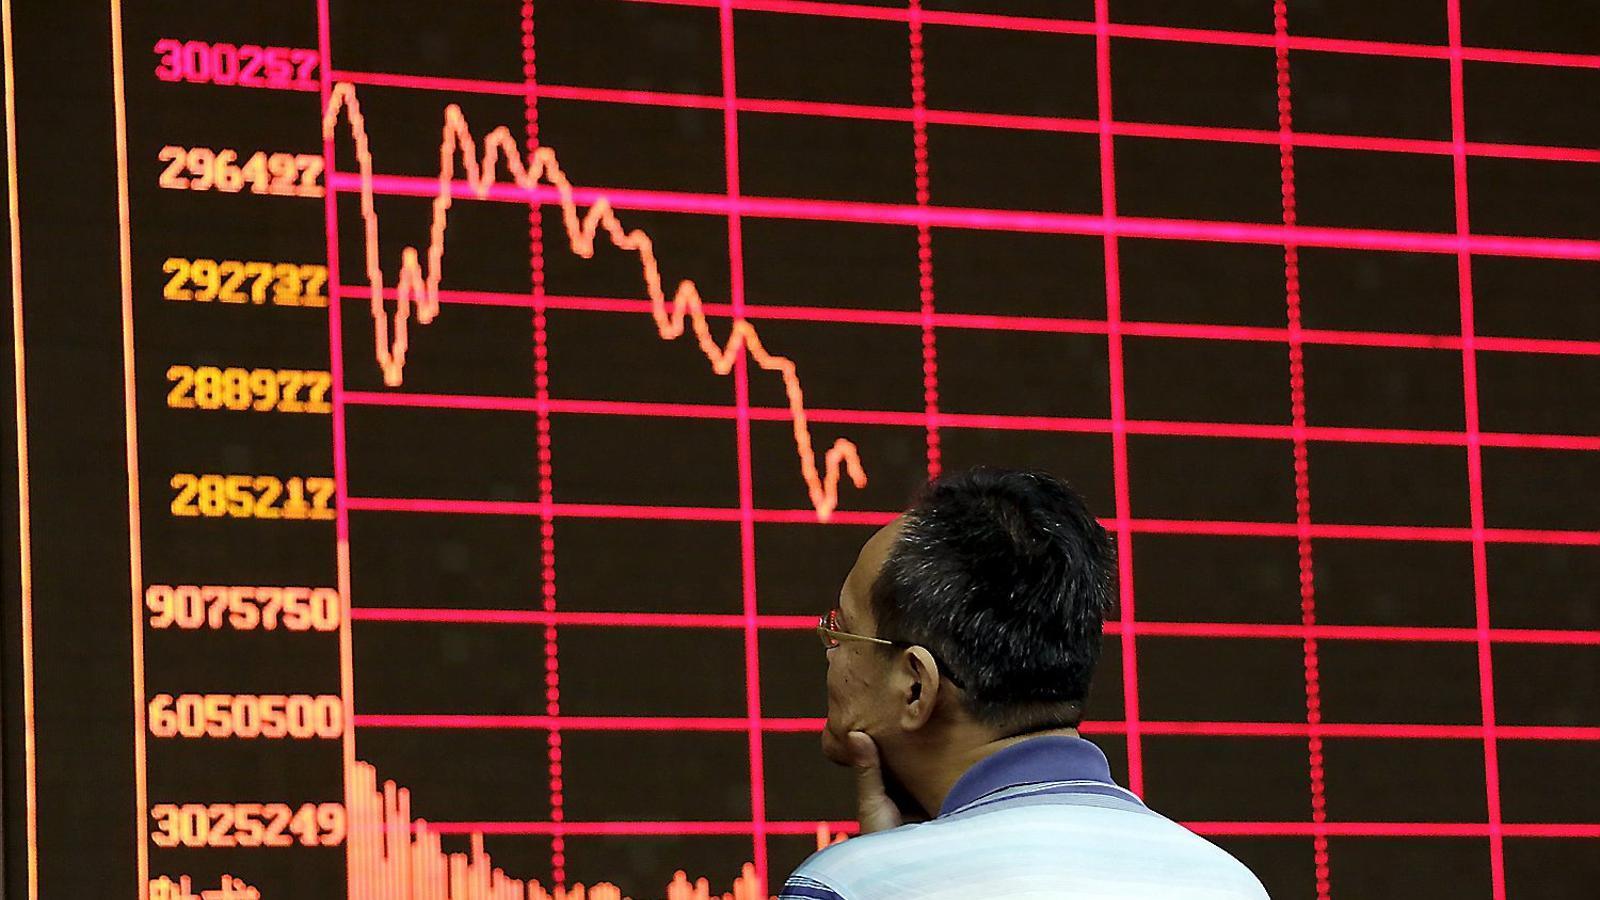 REACCIÓ CRUEL   La caiguda de la borsa xinesa, més forta que quan va esclatar la bombolla de les puntcom   Als EUA.